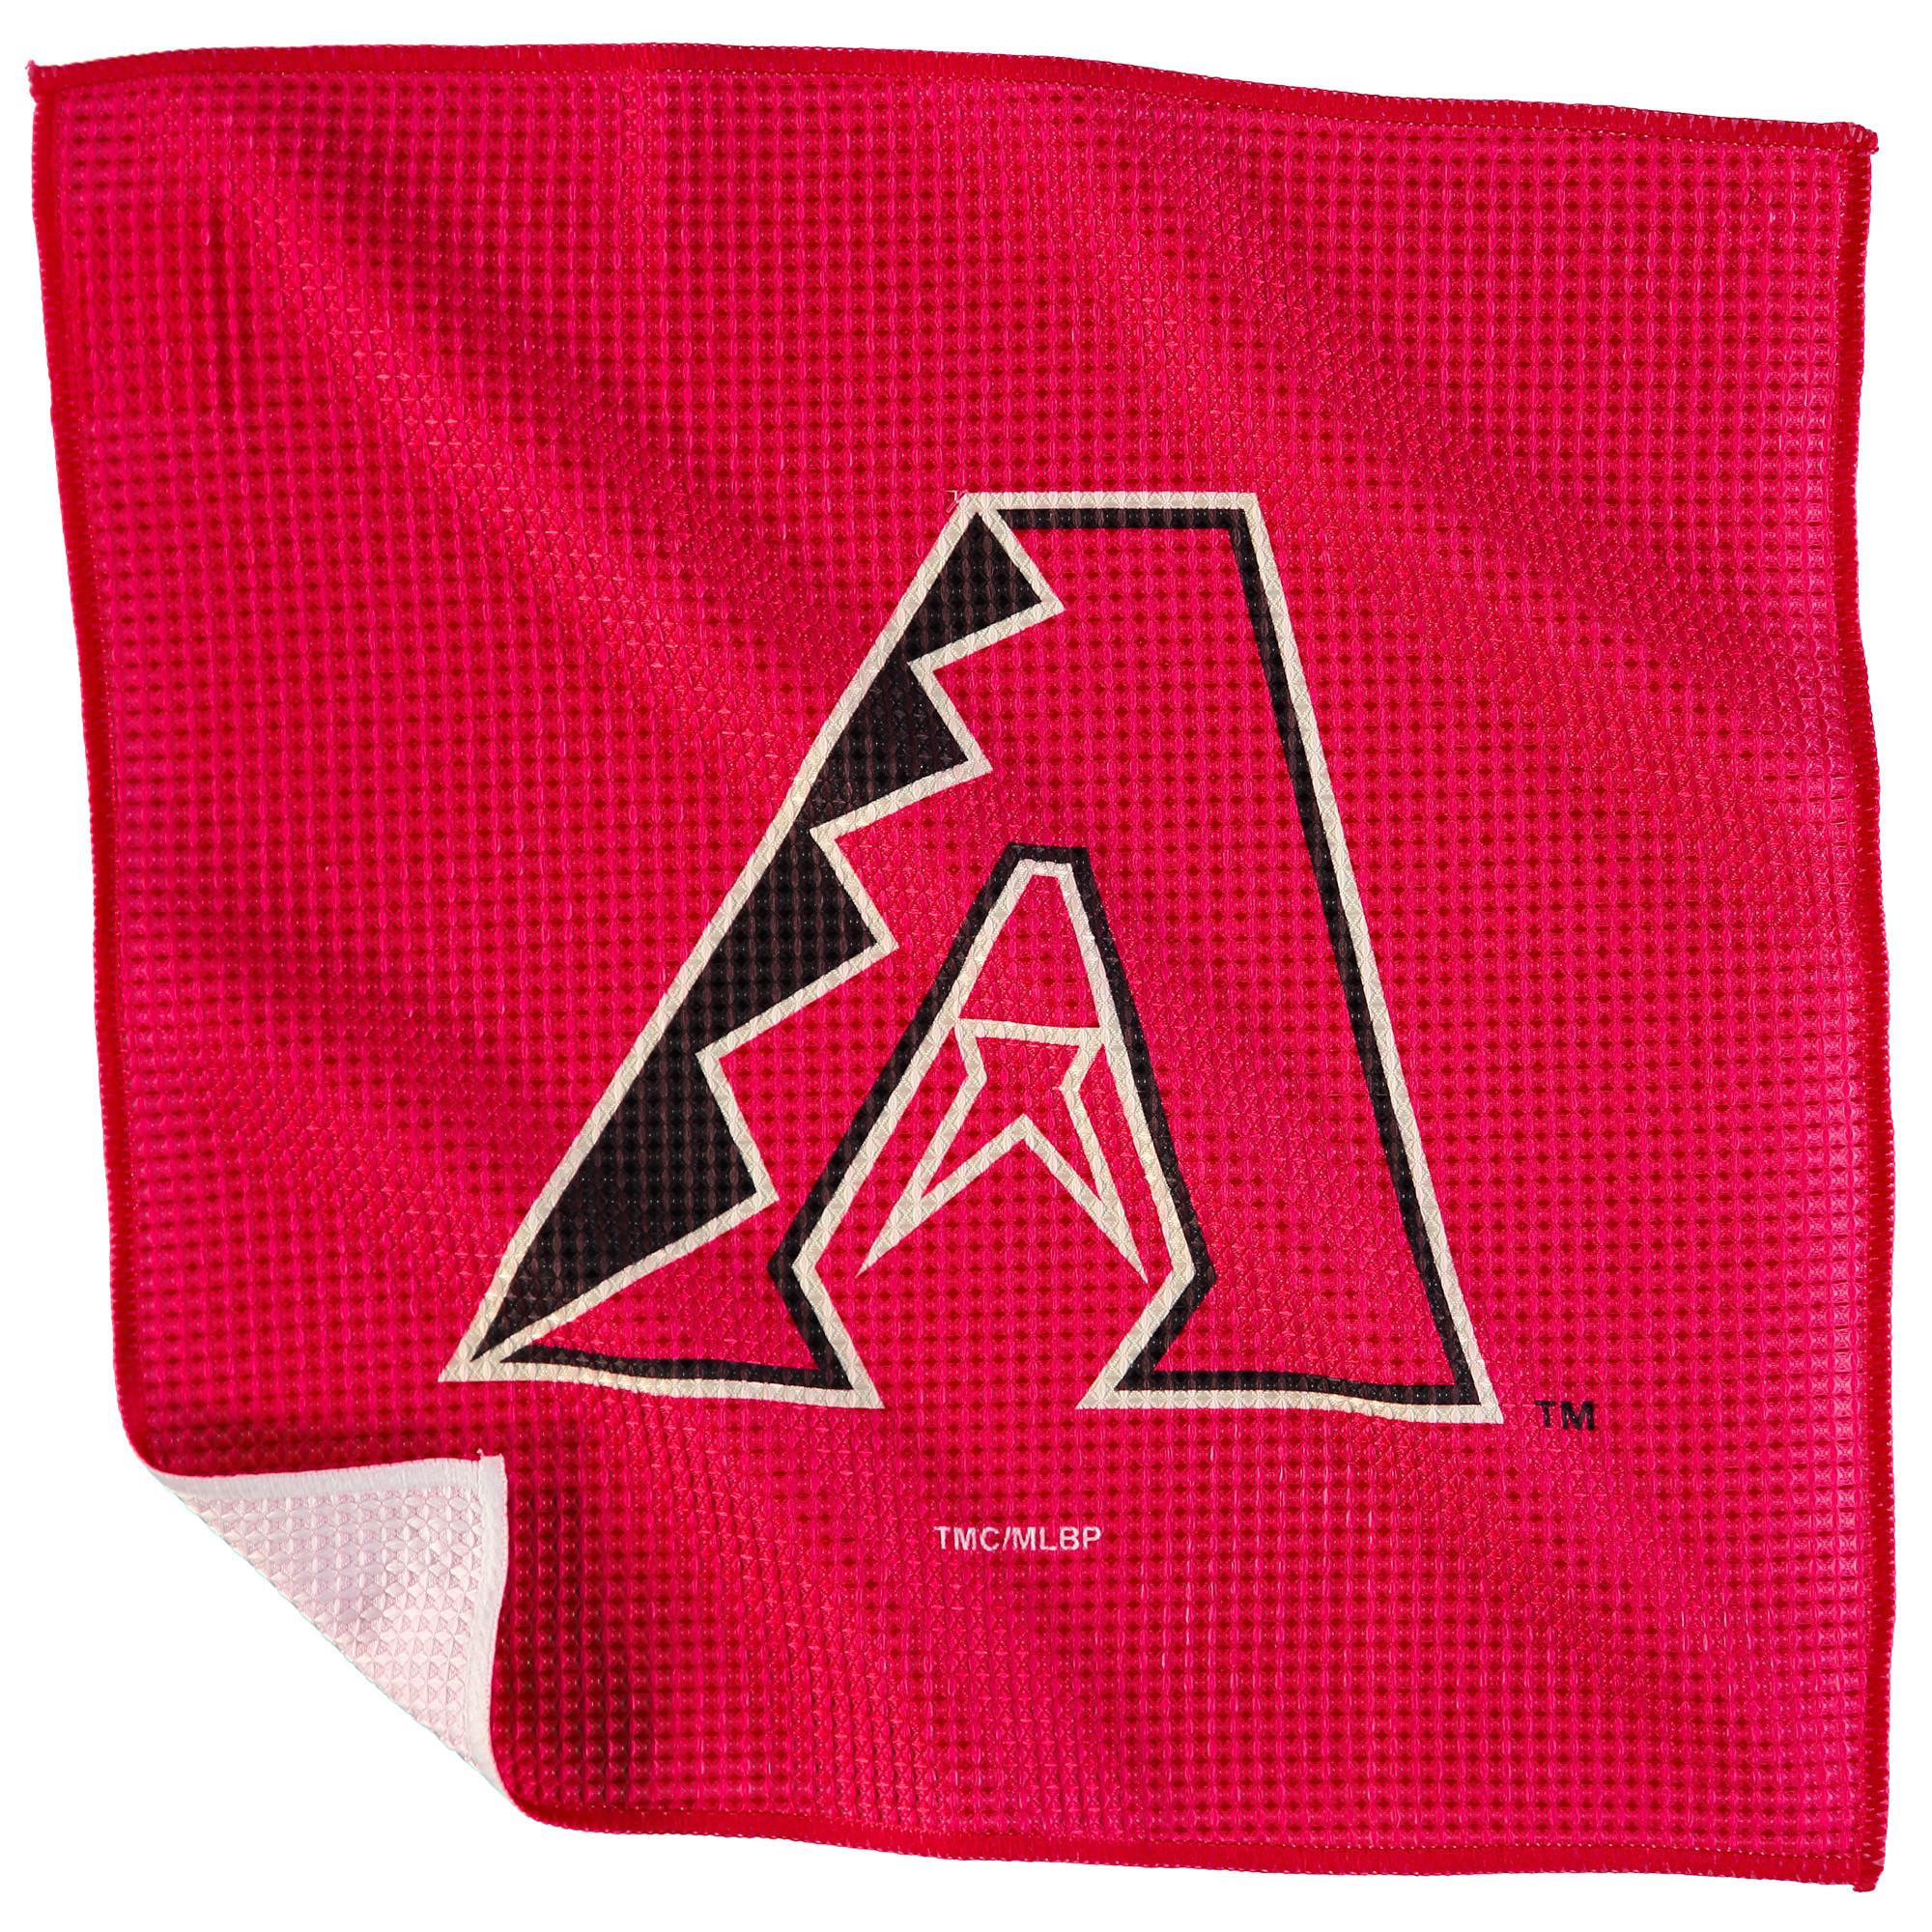 """Arizona Diamondbacks 16"""" x 16"""" Microfiber Towel - No Size"""